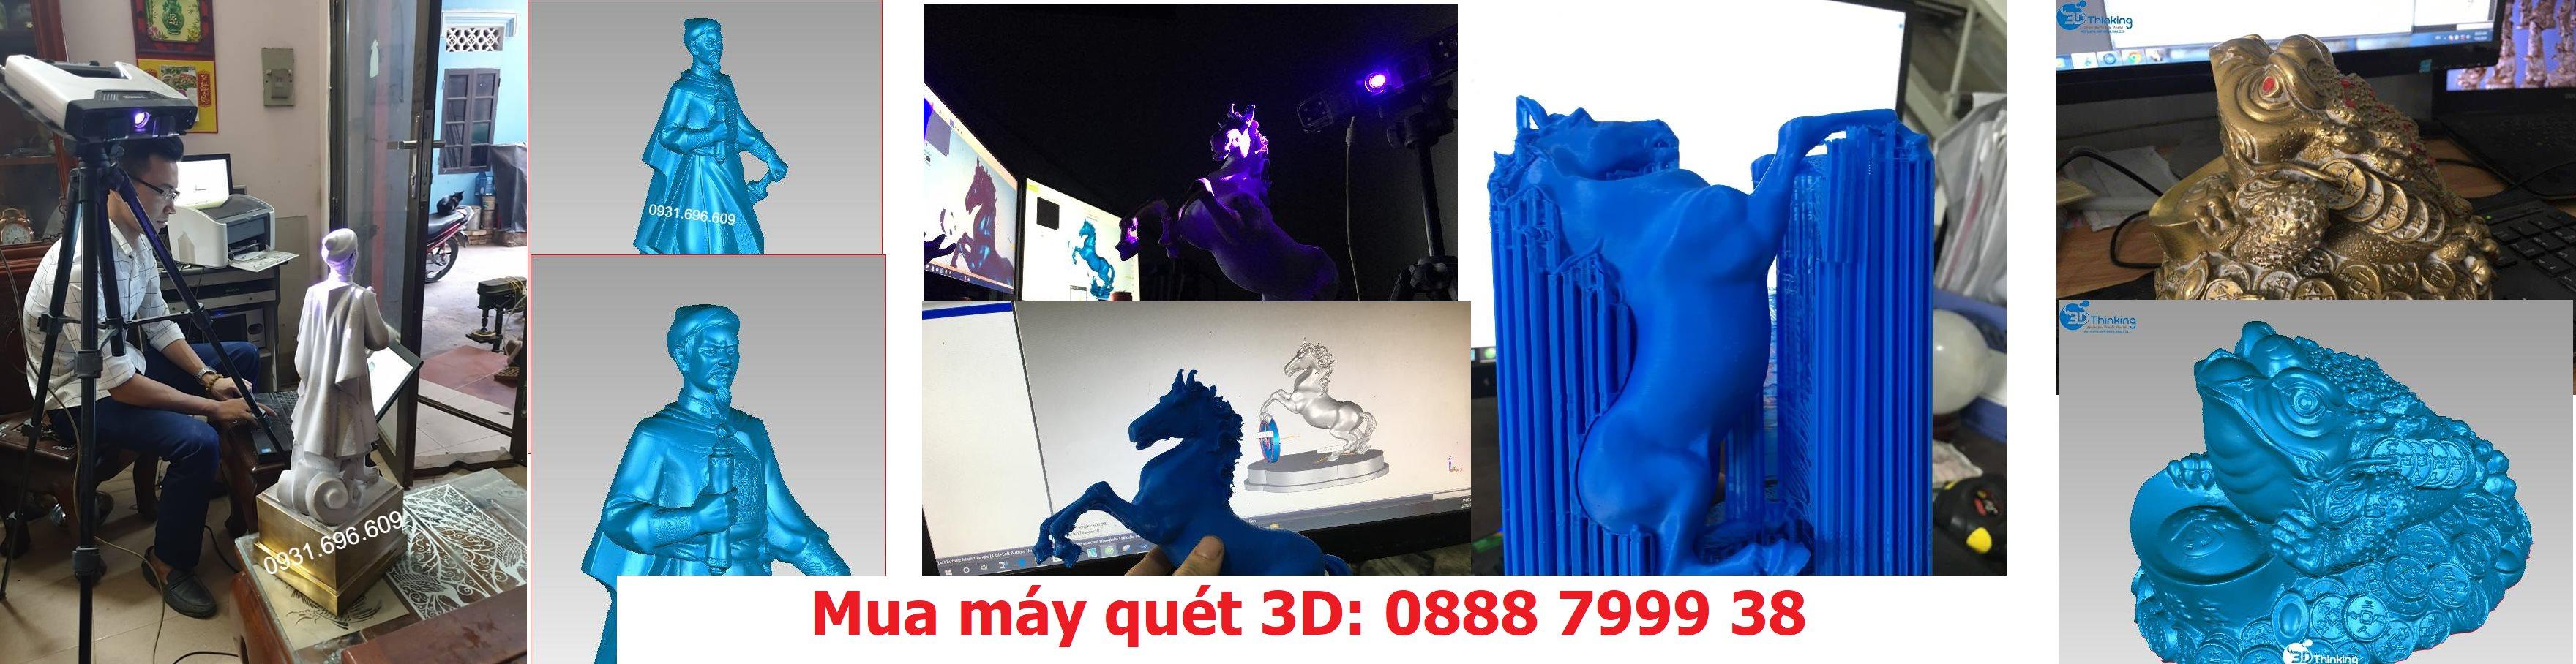 Máy quét 3D gỗ đúng chuẩn | 1.3MP*2 | Quét tối đa 4 mét | Chính hãng. Đào tạo chuyên gia, bảo hành 12 tháng. Giao hàng toàn quốc. Máy scan 3D giá rẻ...